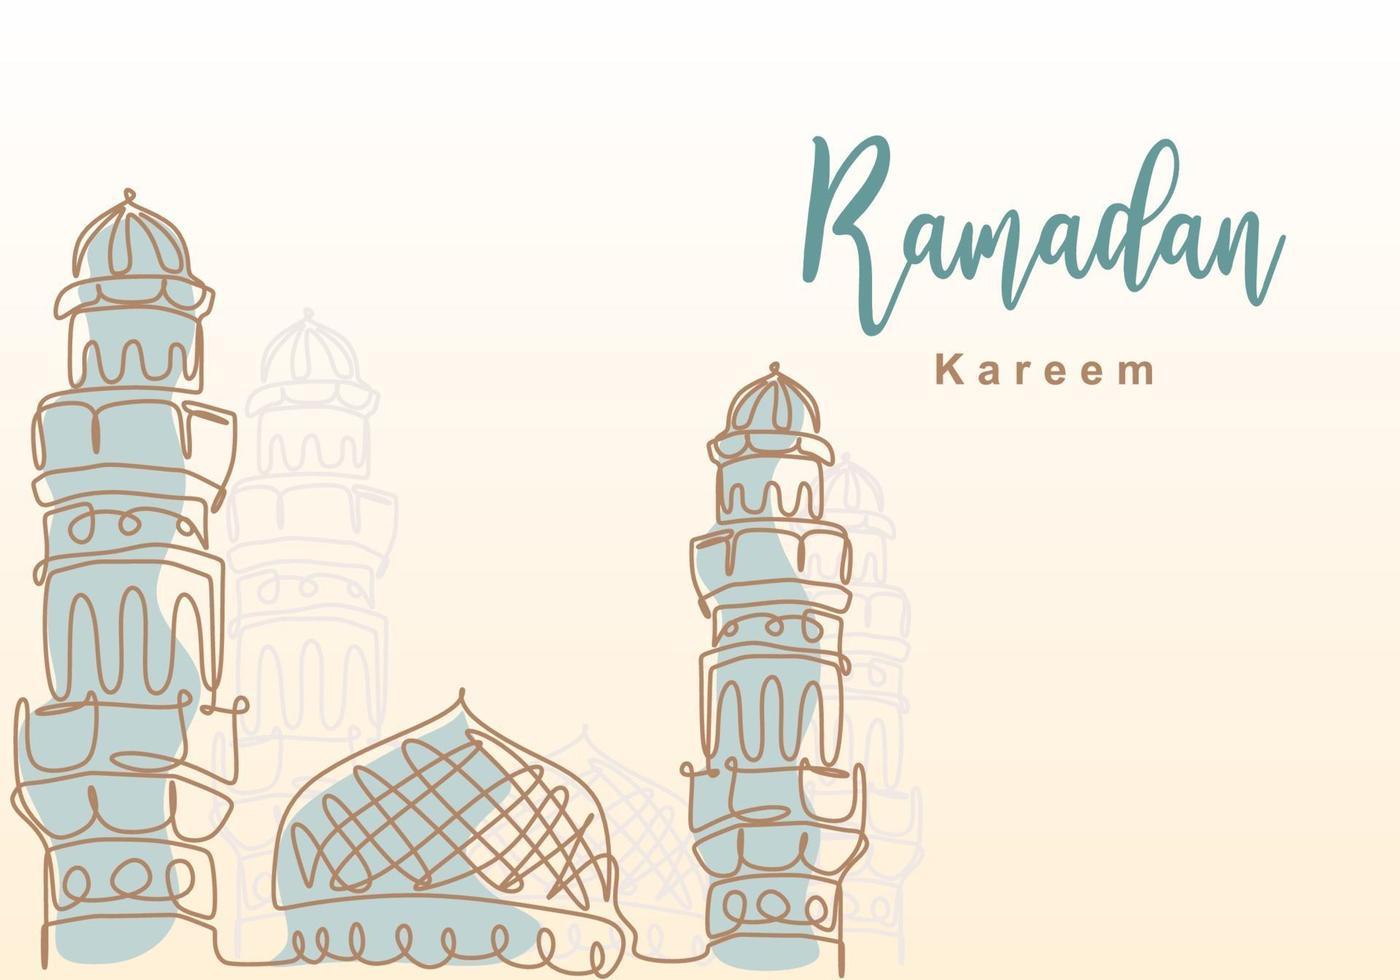 ramadan kareem uma linha contínua com mesquita islâmica, cúpula de mesquita e ornamento de torre de mesquita. conceito de cartão eid al fitr mubarak e ramadan kareem design desenhado à mão estilo minimalista vetor